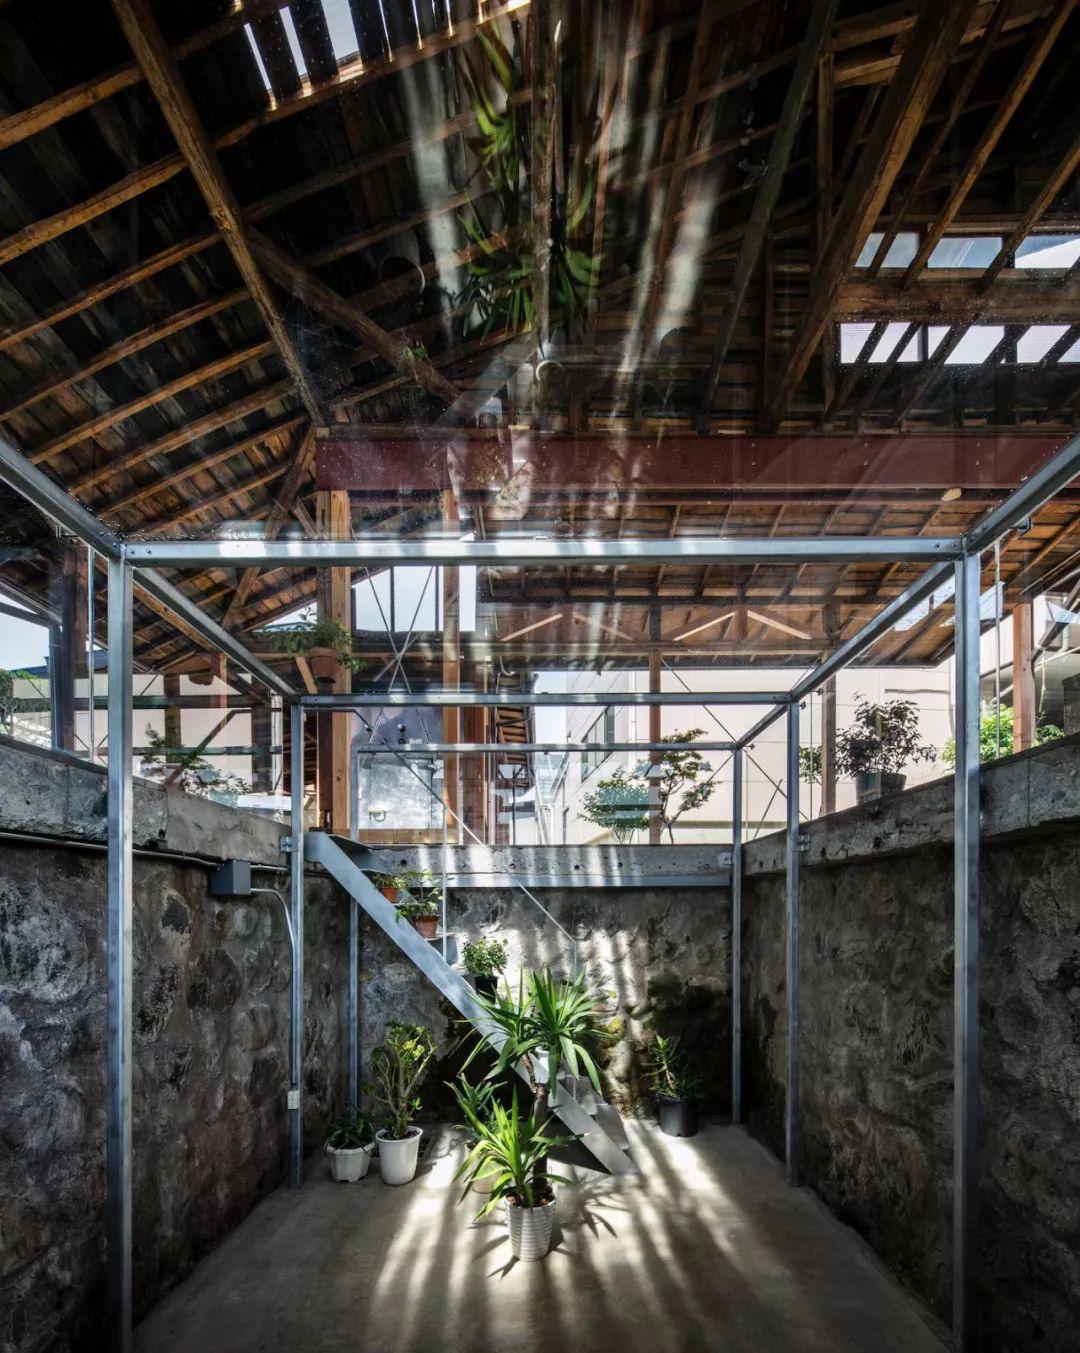 Cặp vợ chồng quyết định cải tạo biệt thự cổ rộng 550m2 thay bằng nhà kính gần gũi với thiên nhiên - Ảnh 15.